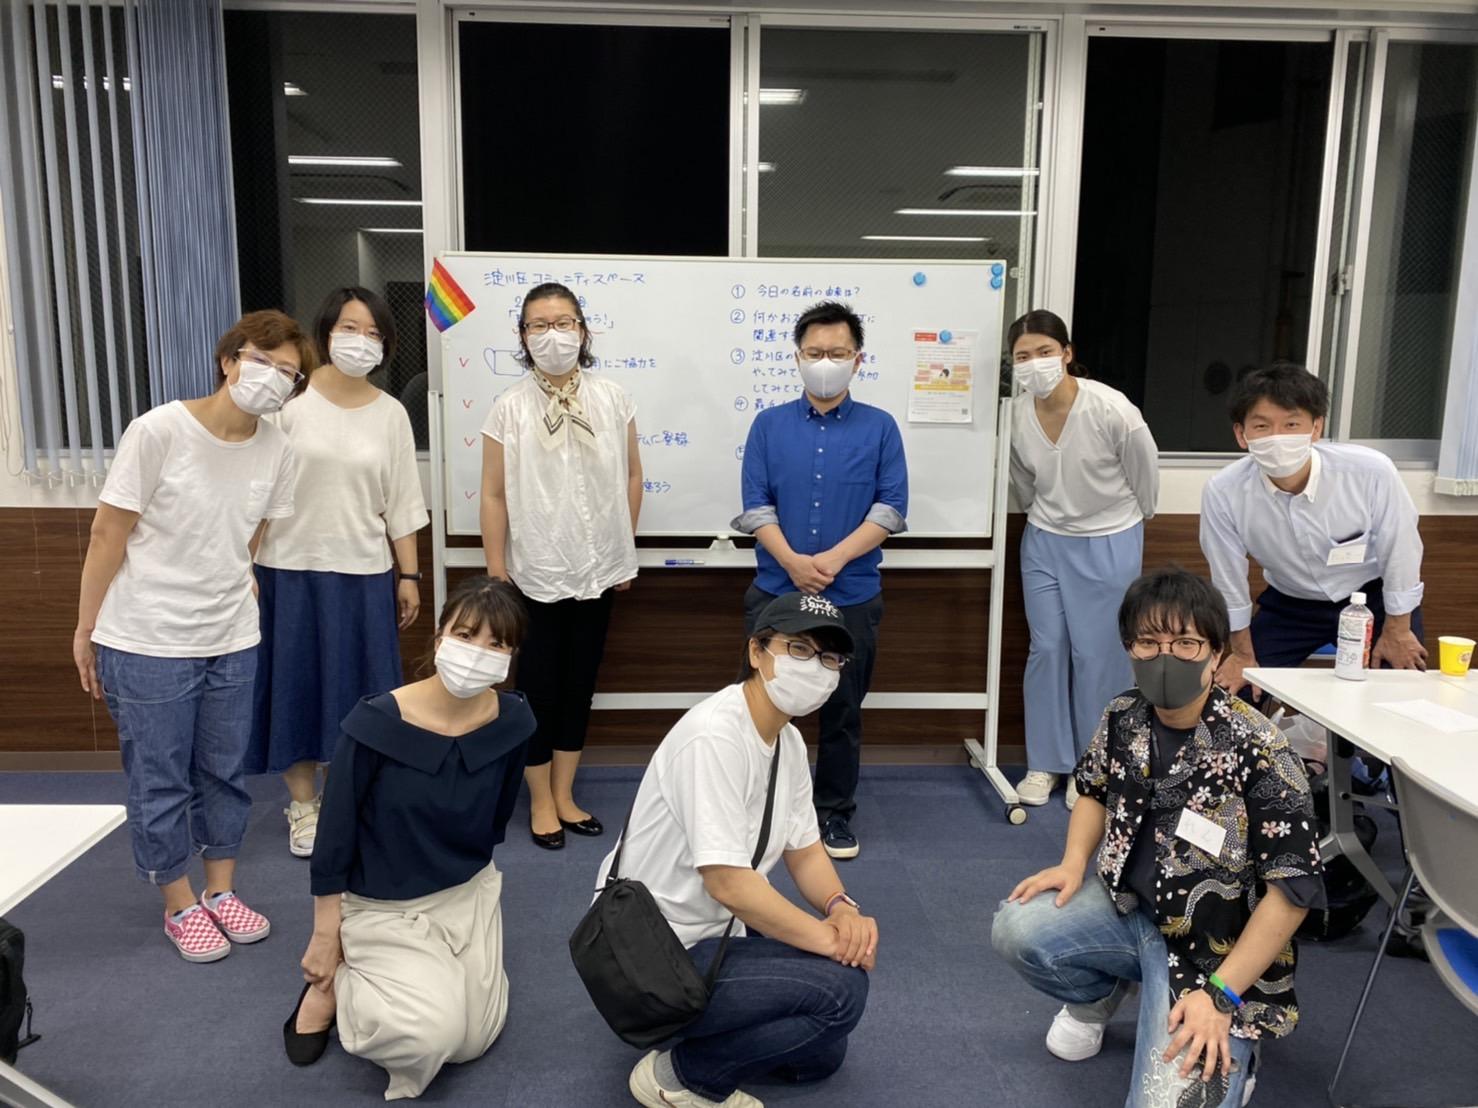 淀川区LGBT支援事業コミュニティスペース